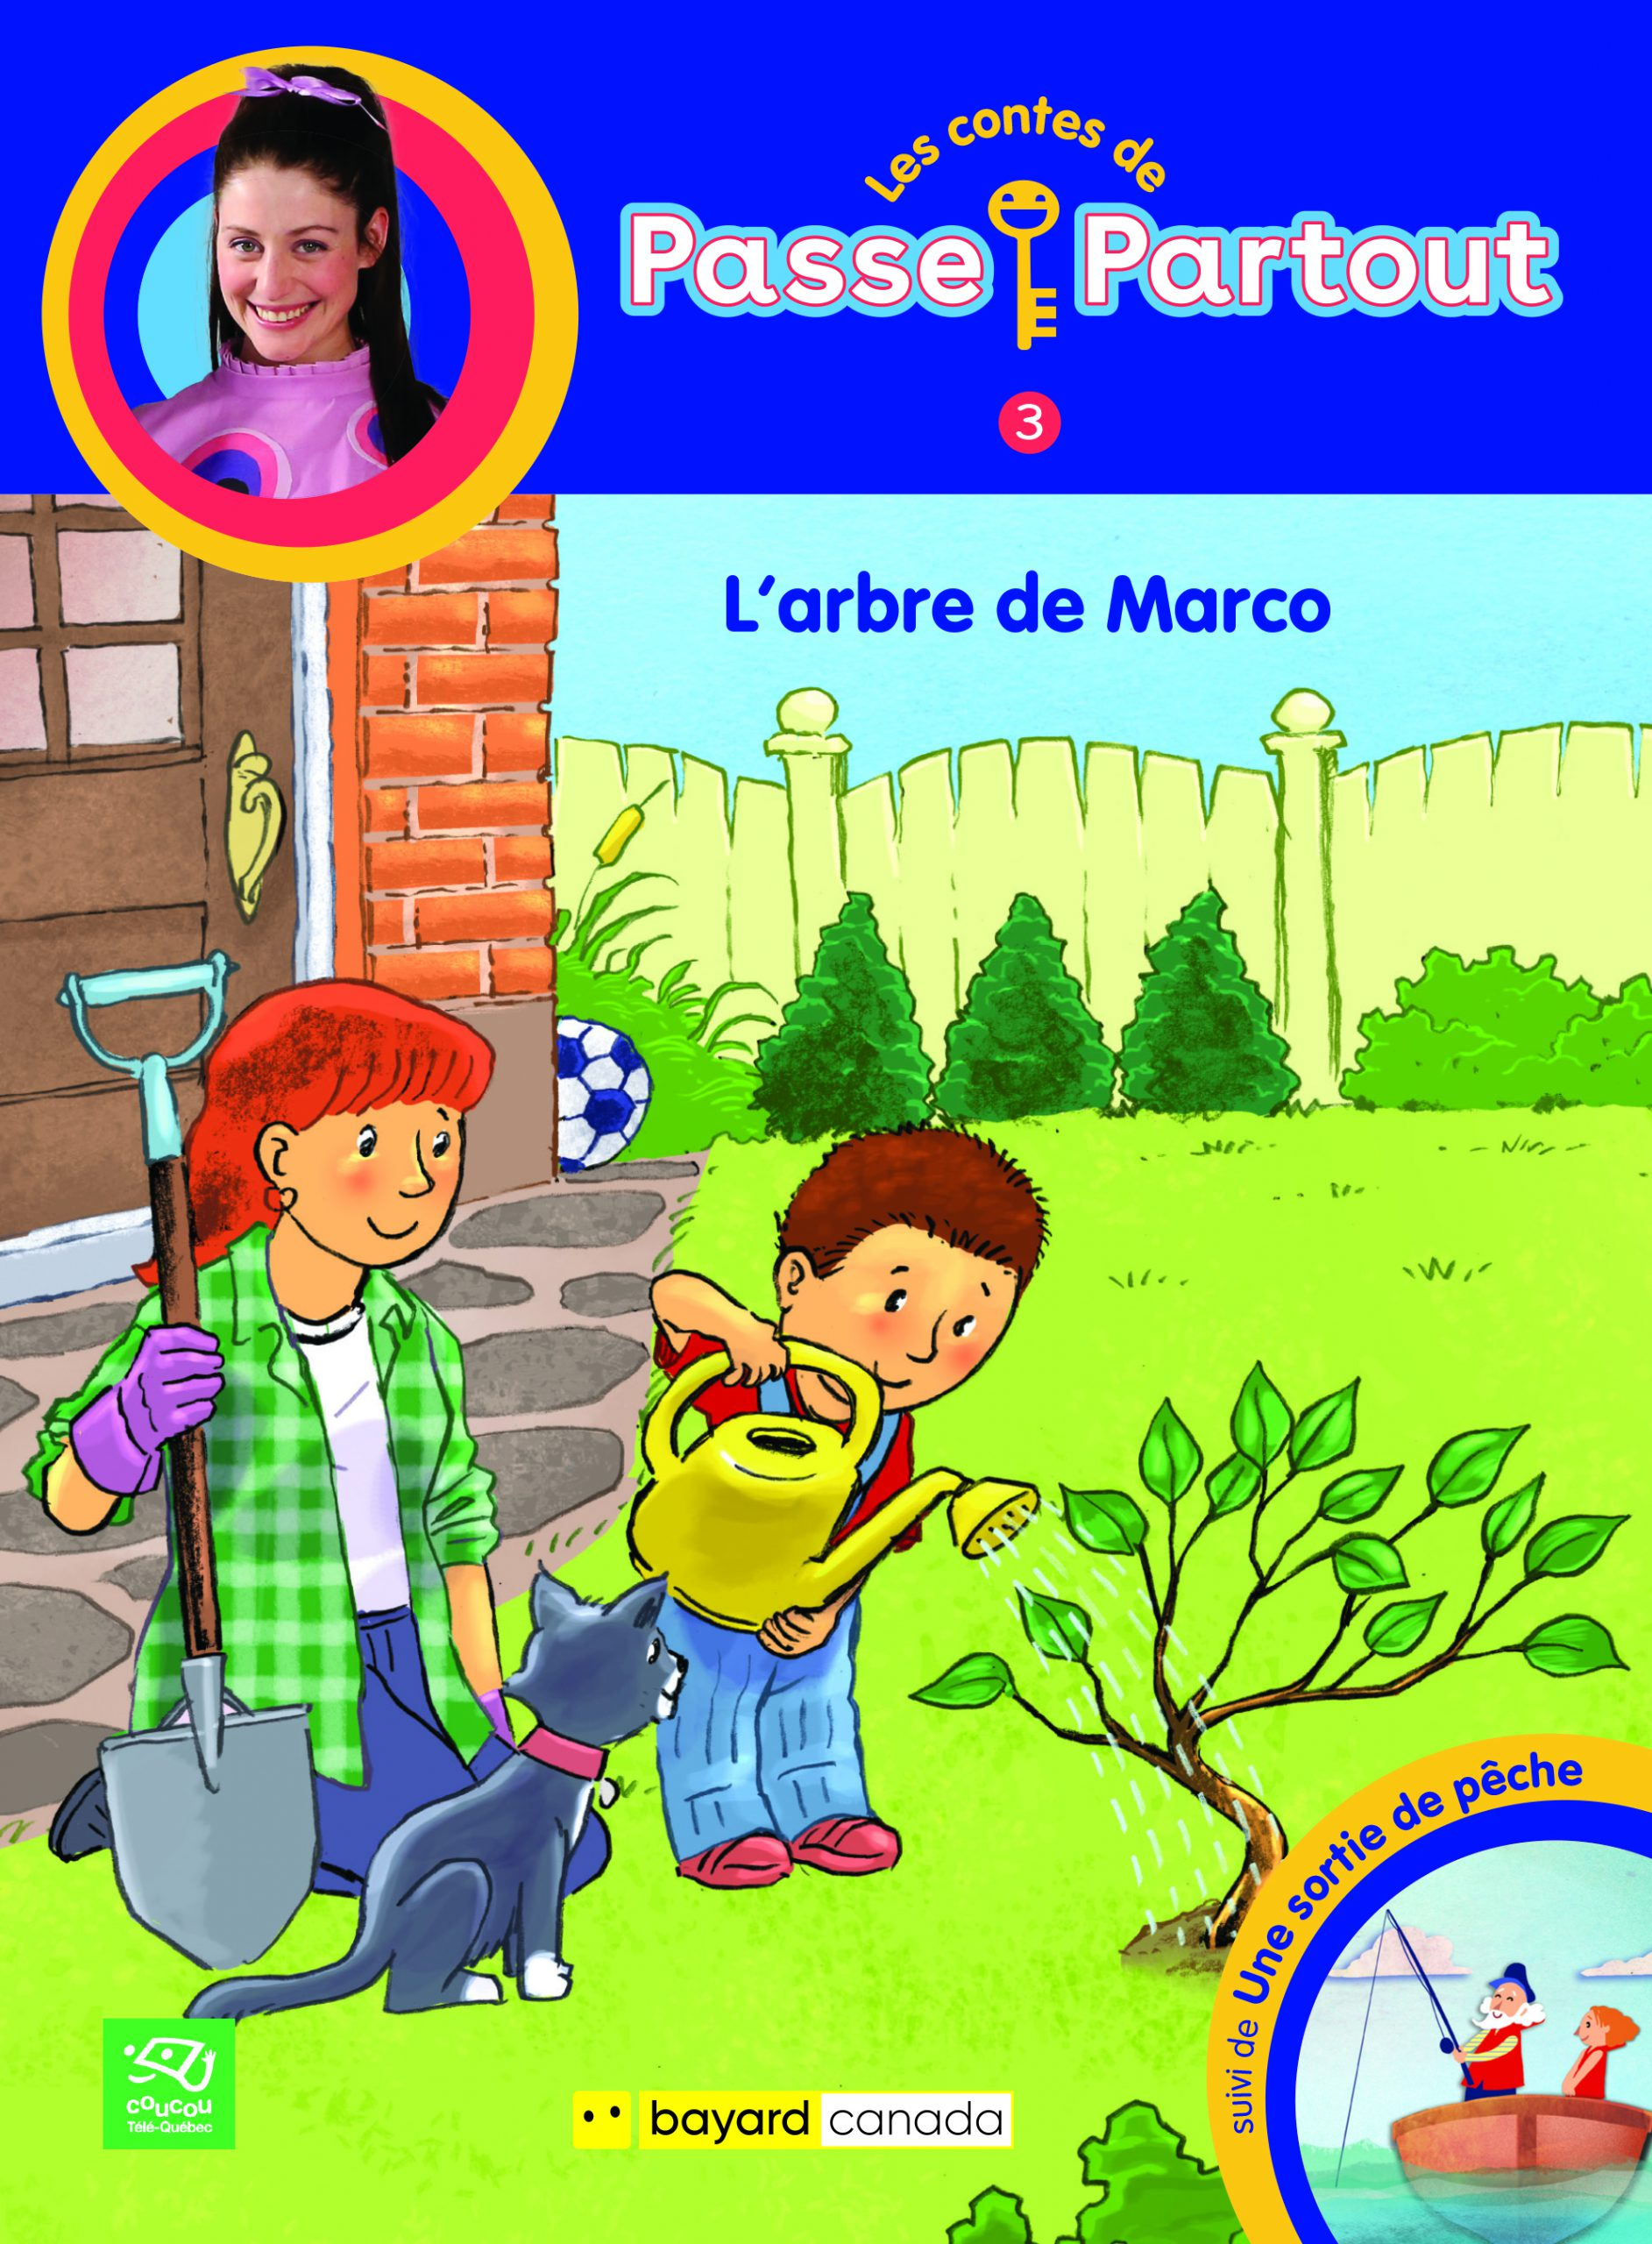 1. L'arbre de Marco : 2. Une sortie de pêche